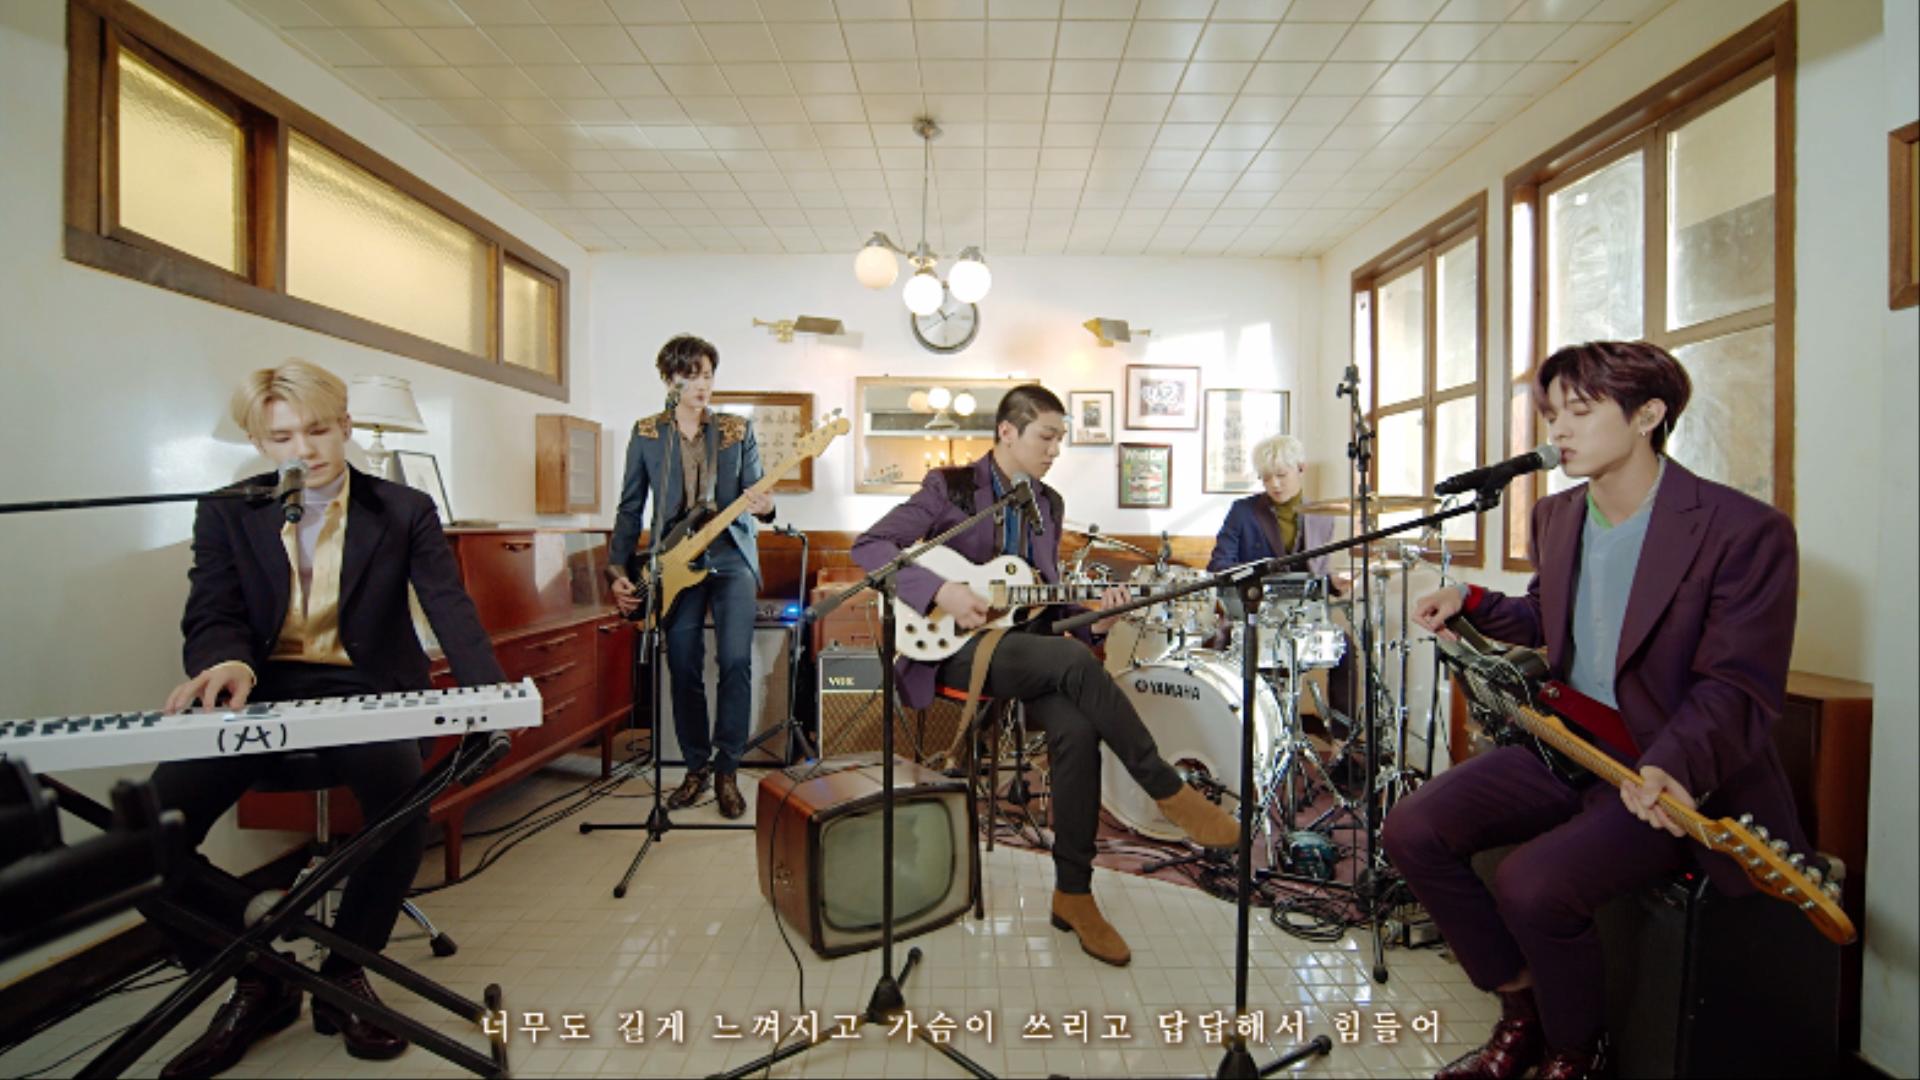 """DAY6(데이식스) """"행복했던 날들이었다"""" Live Video (0AM Ver.)"""